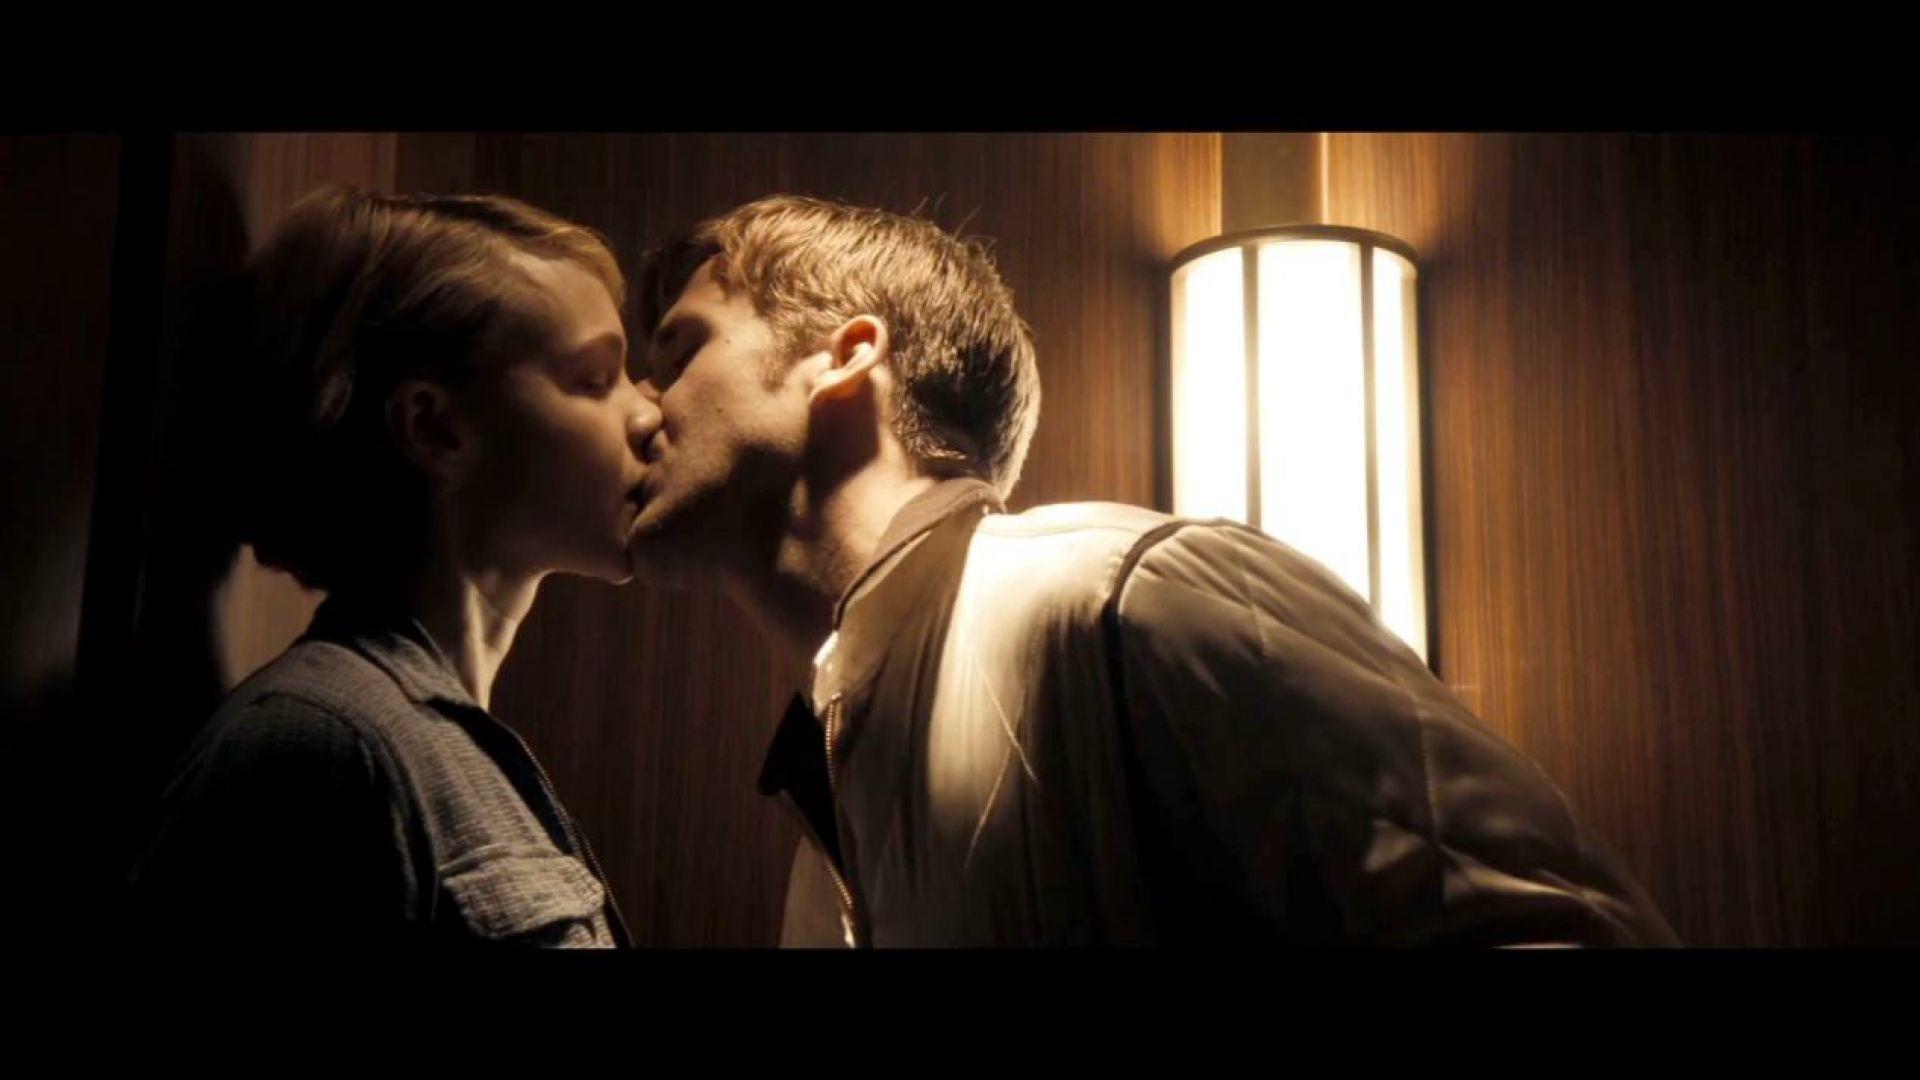 Ryan Gosling and Carey Mulligan kiss in Drive